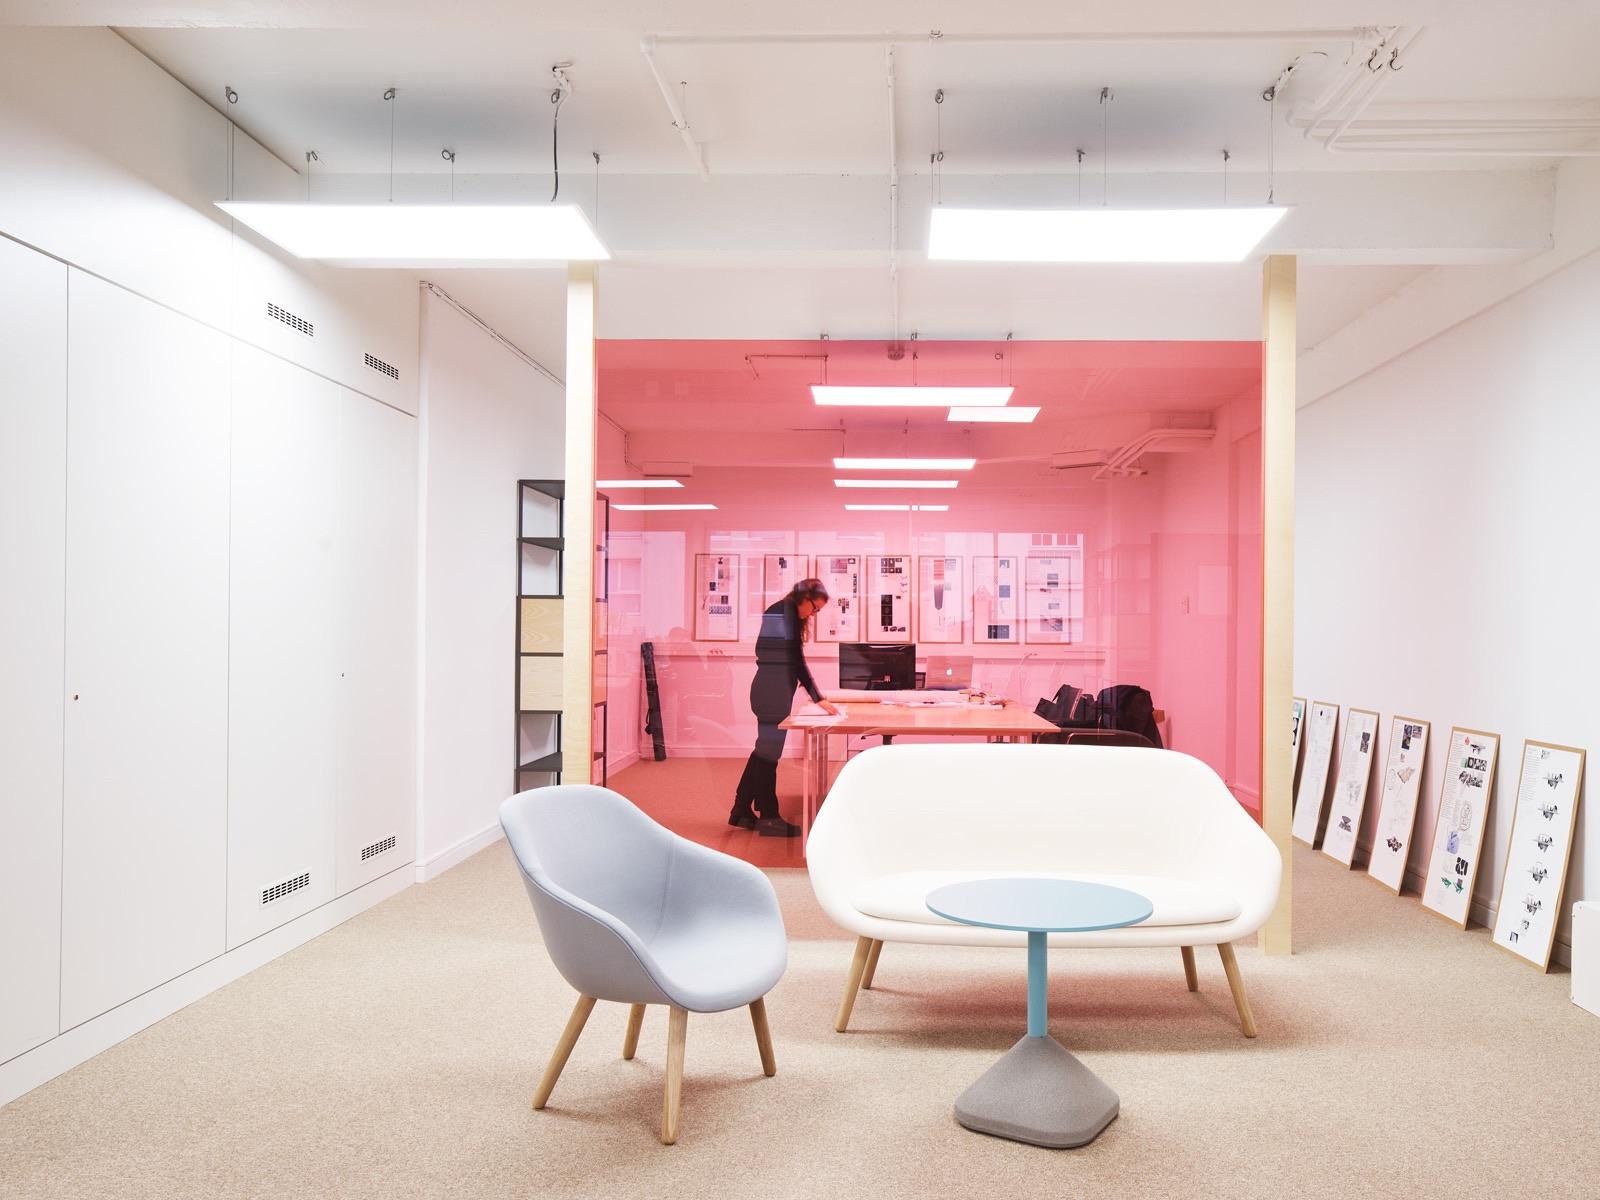 lafayette-paris-office-11